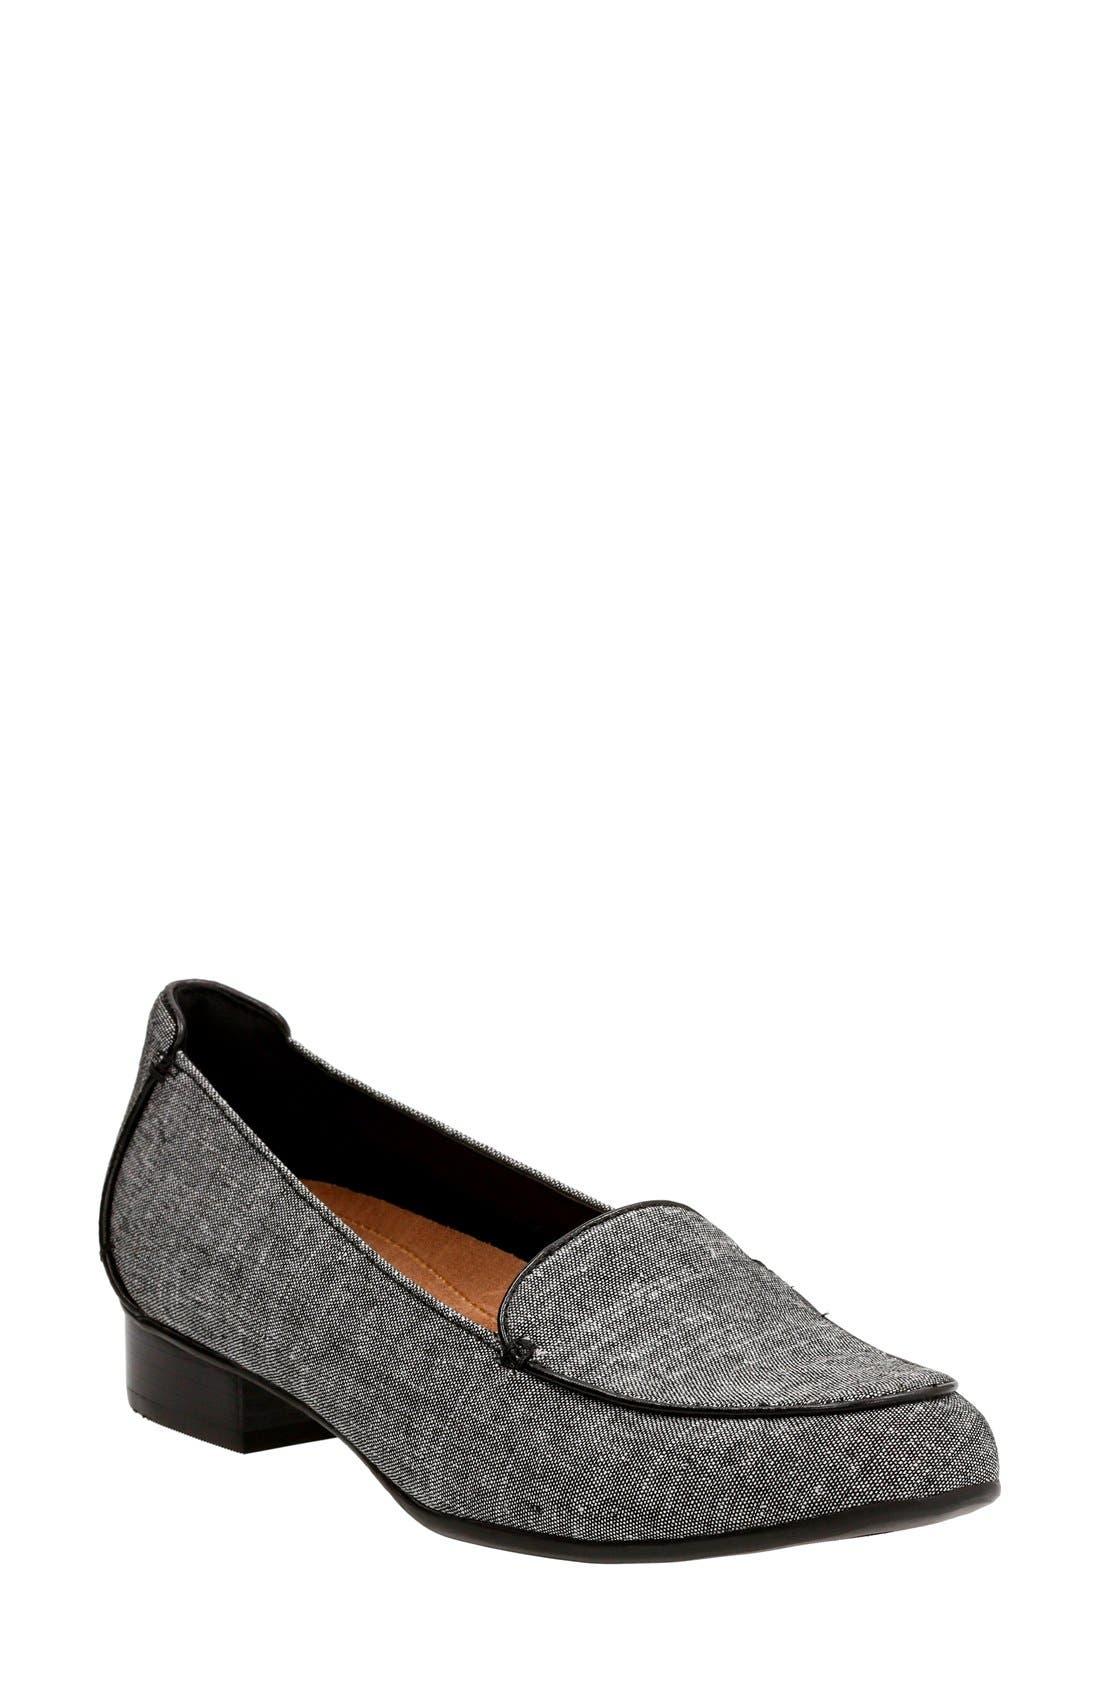 Alternate Image 1 Selected - Clarks®'KeeshaLuca' Loafer (Women)